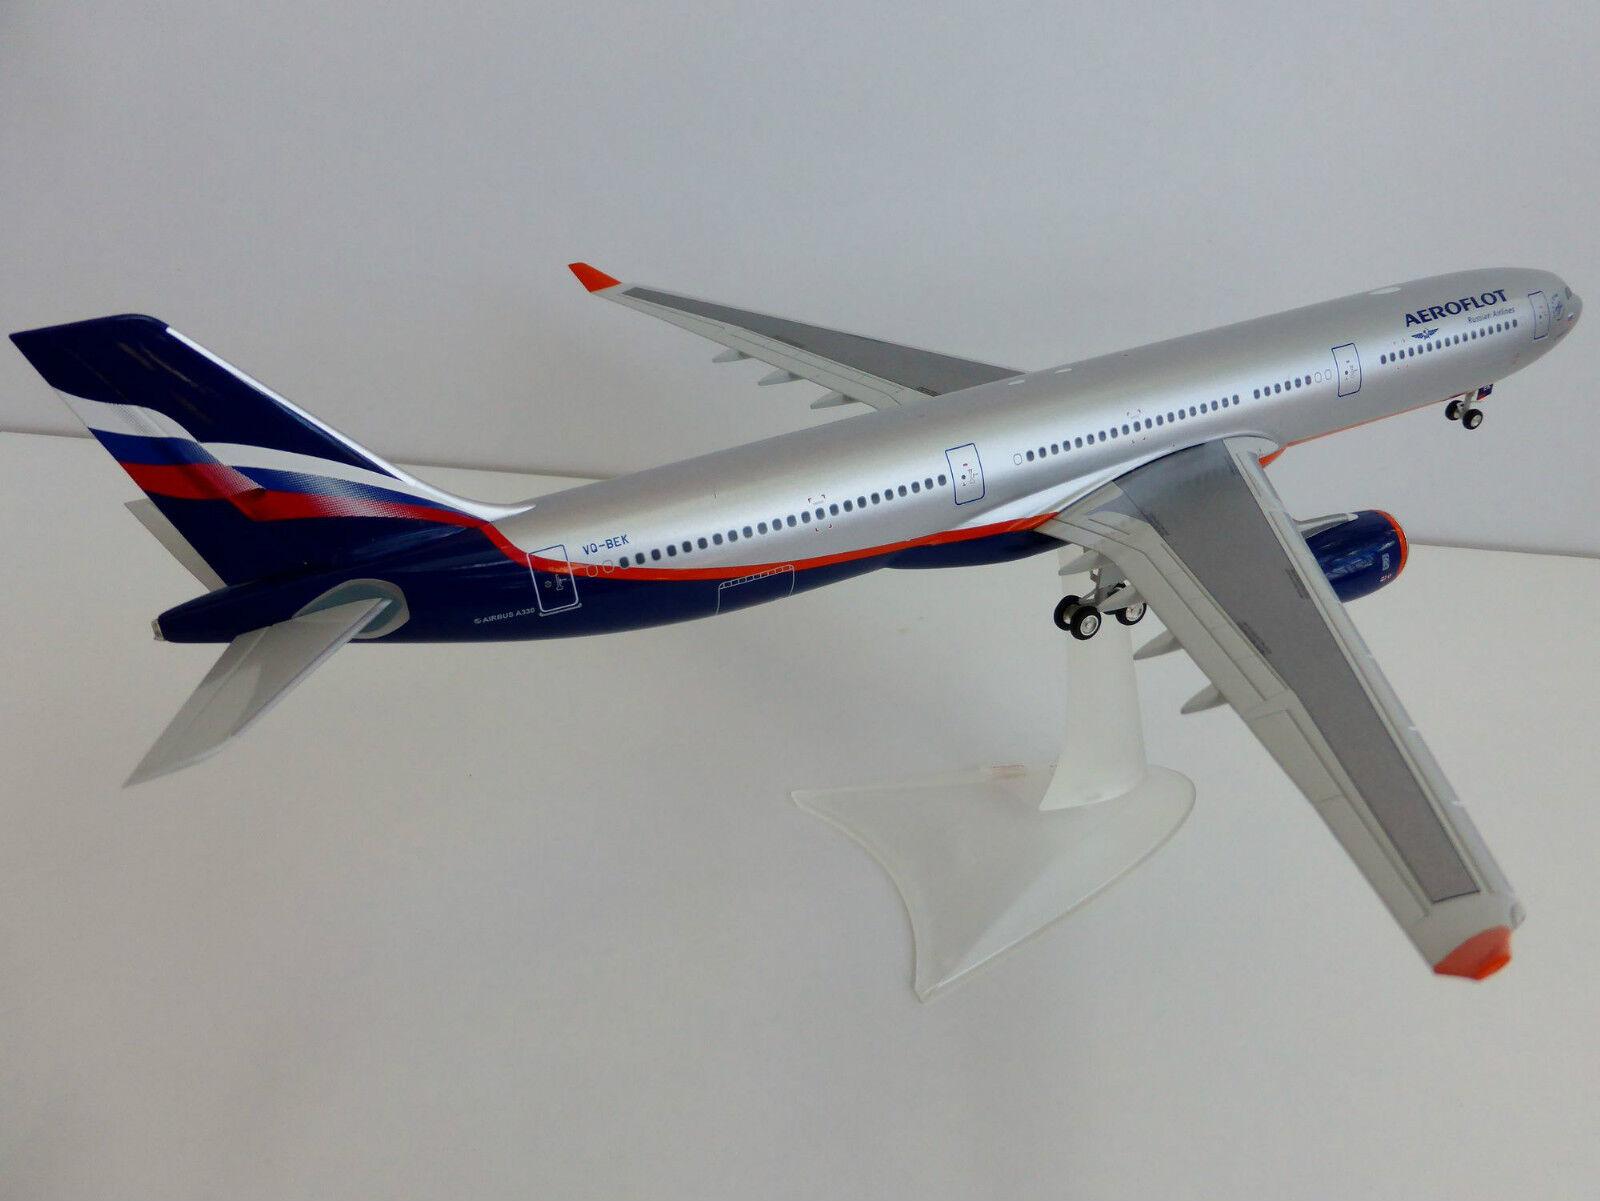 Aeroflot Airbus A330-300 1 200 Herpa A330 a 330 555609 Vq-Bek Russian